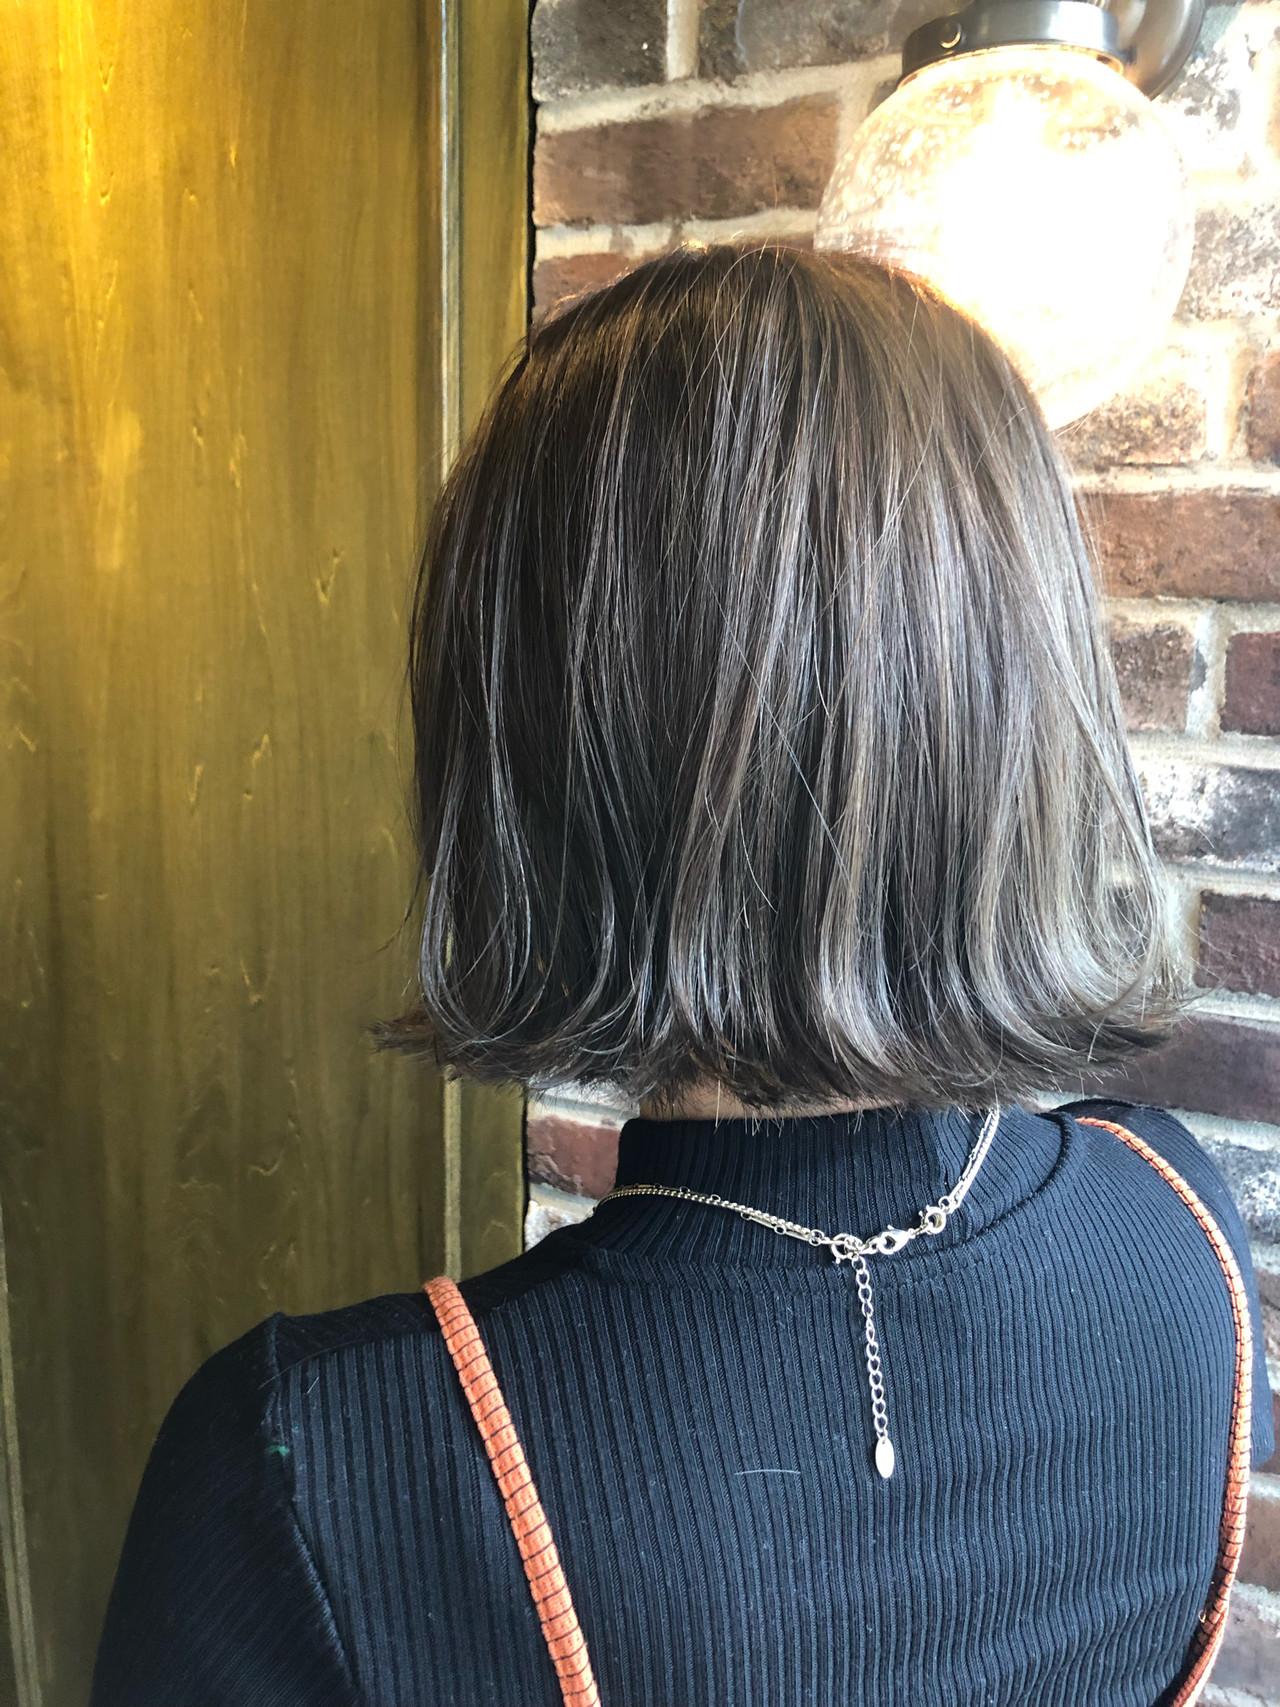 3Dハイライト アッシュグレー ボブ 切りっぱなしボブヘアスタイルや髪型の写真・画像